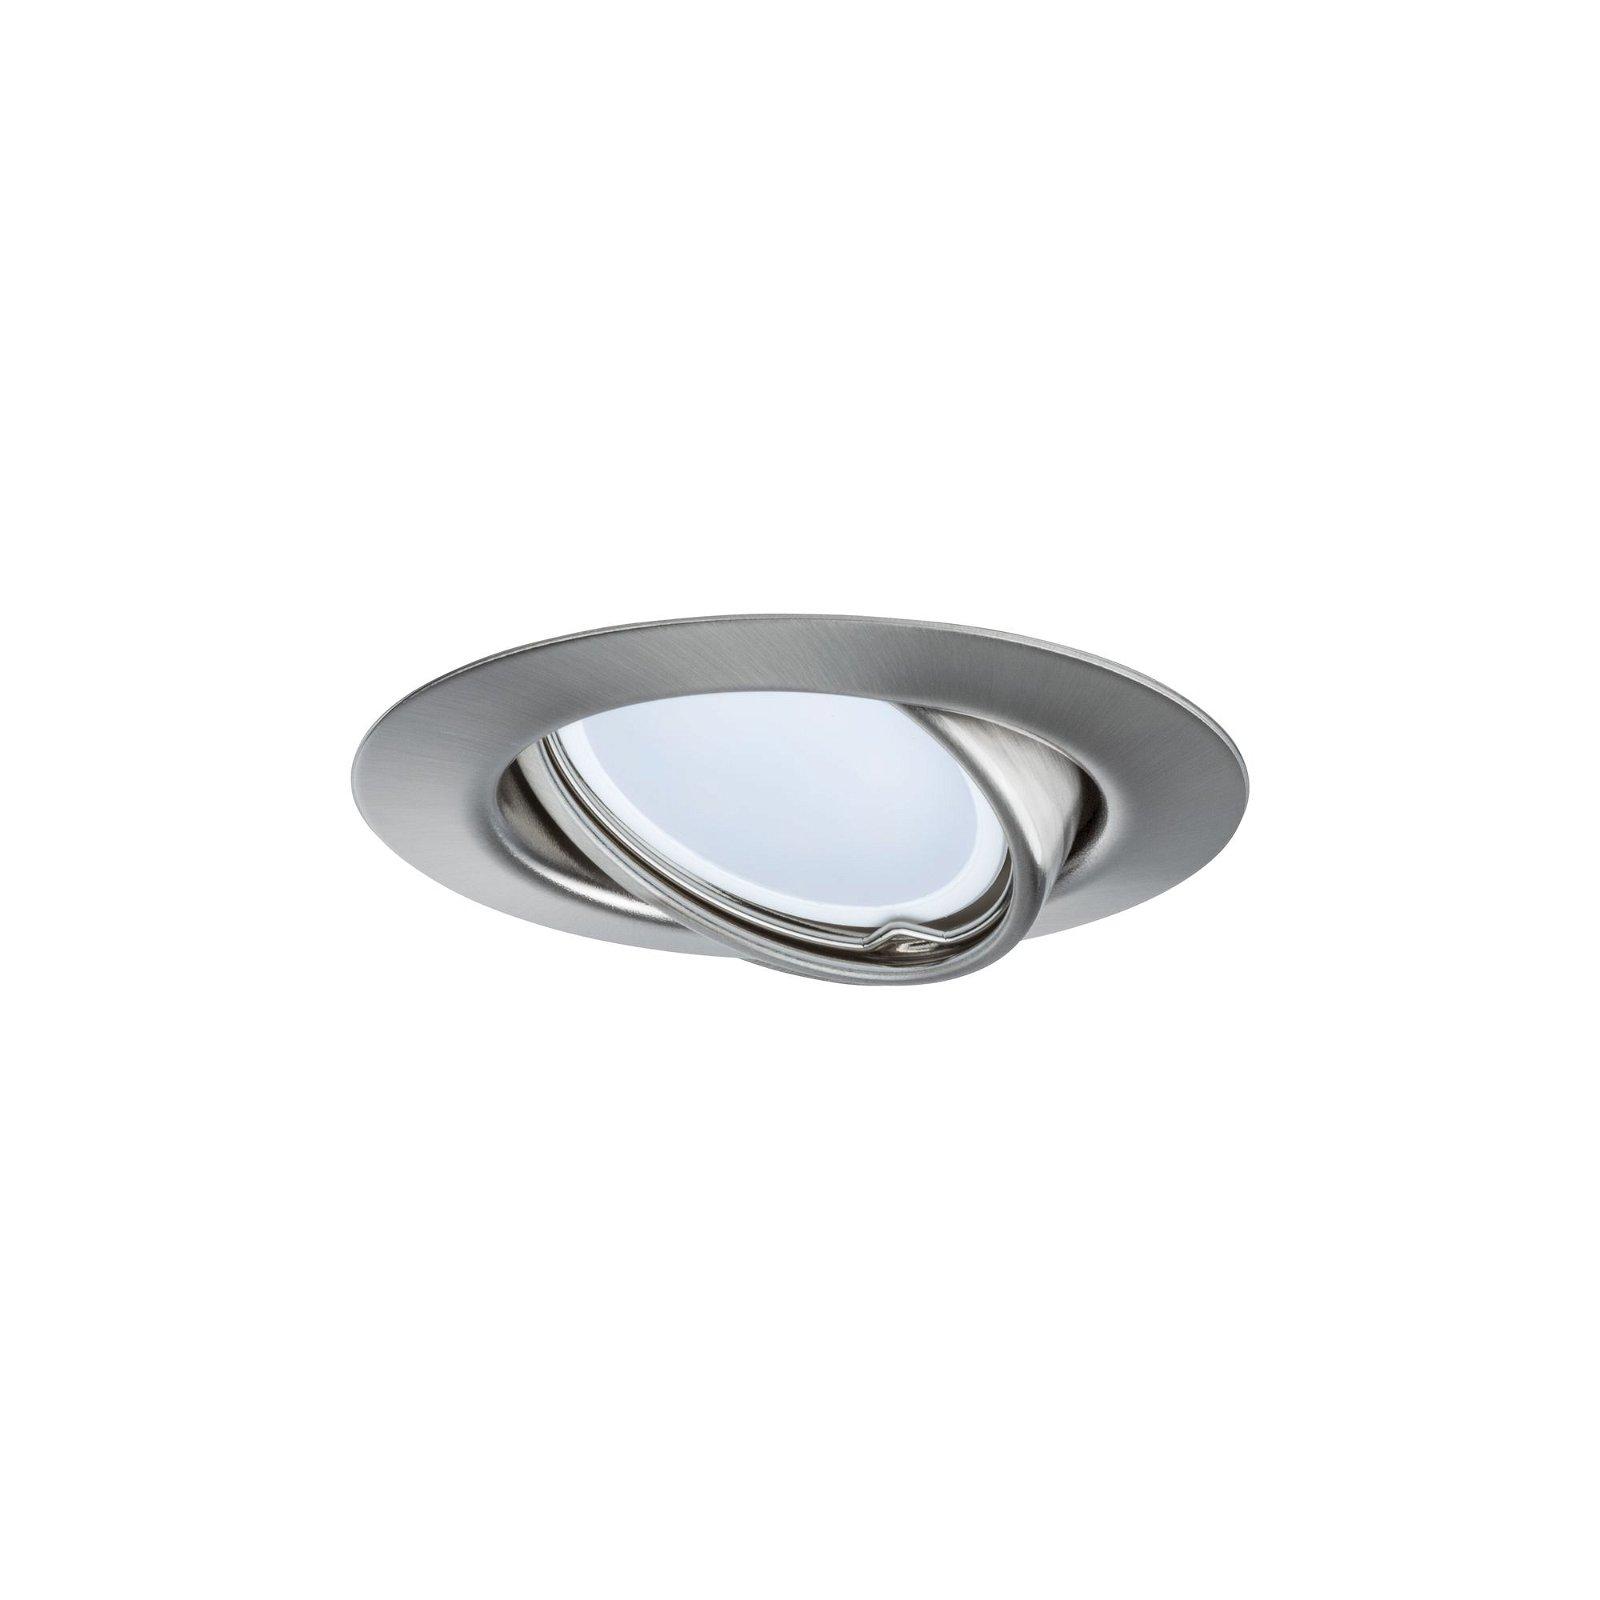 LED-inbouwlamp Base Basisset zwenkbaar rond 90mm 20° GU10 3x4,5W 3x350lm 230V 3000K Staal geborsteld